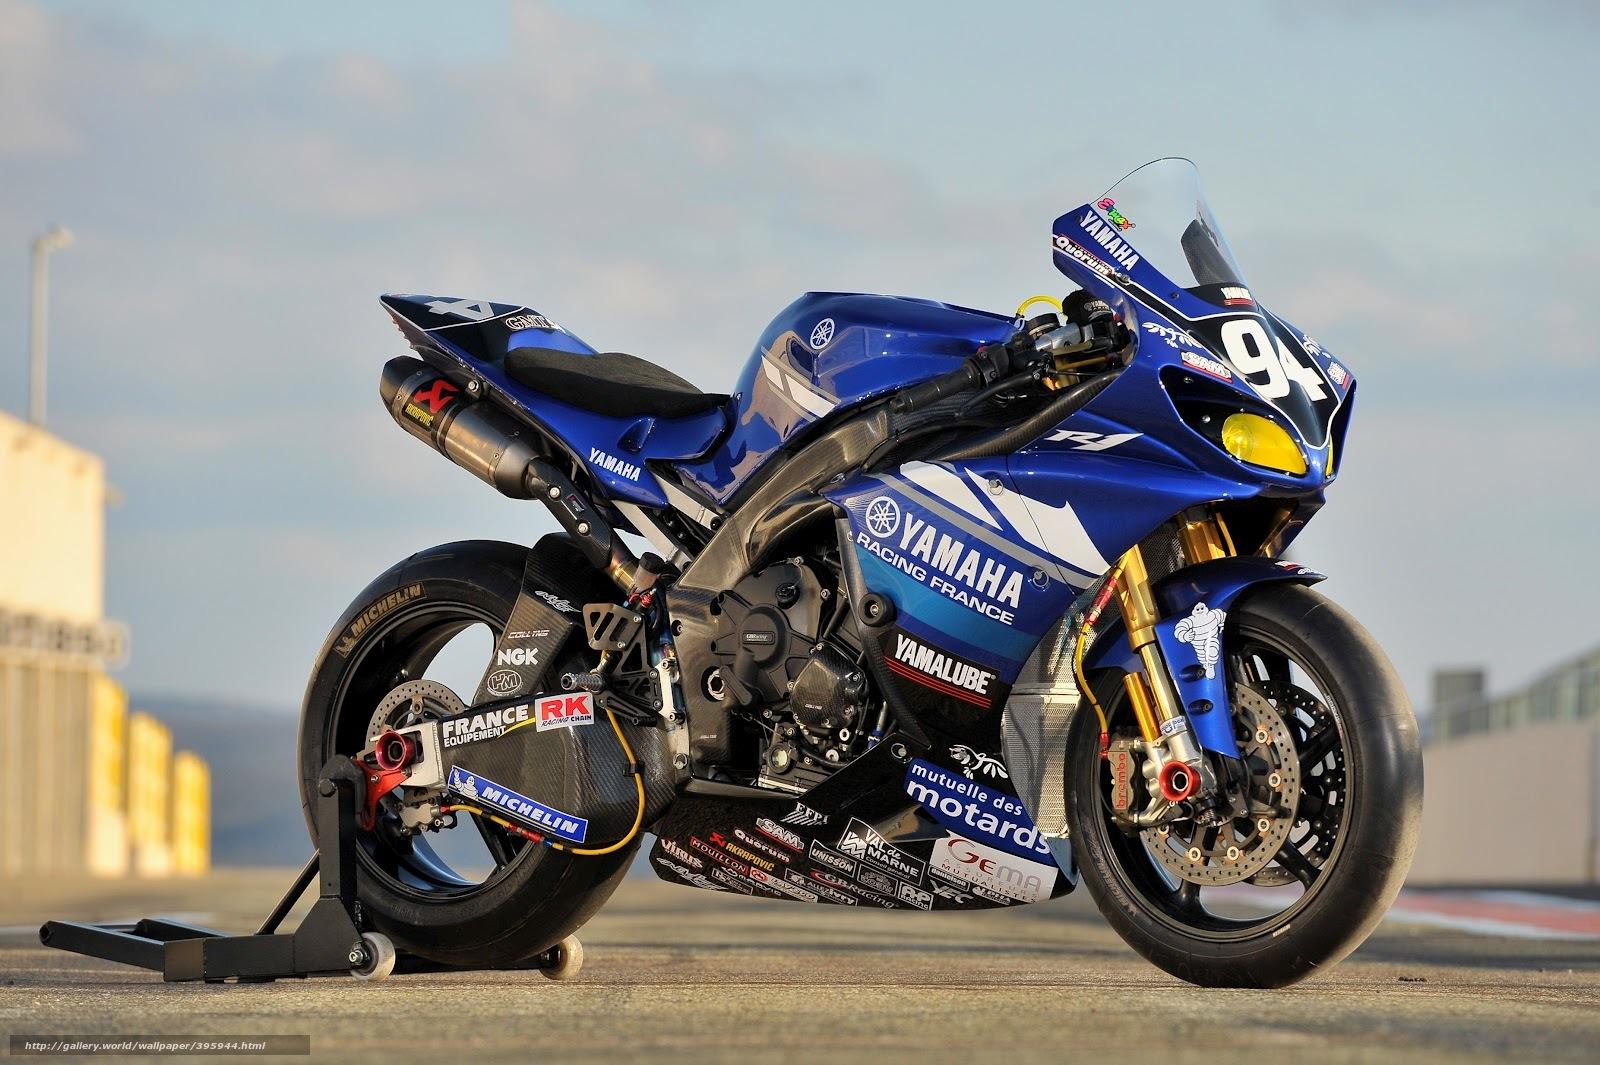 Tlcharger Fond d'ecran moto, Yamaha, course Fonds d'ecran gratuits pour votre rsolution du ...